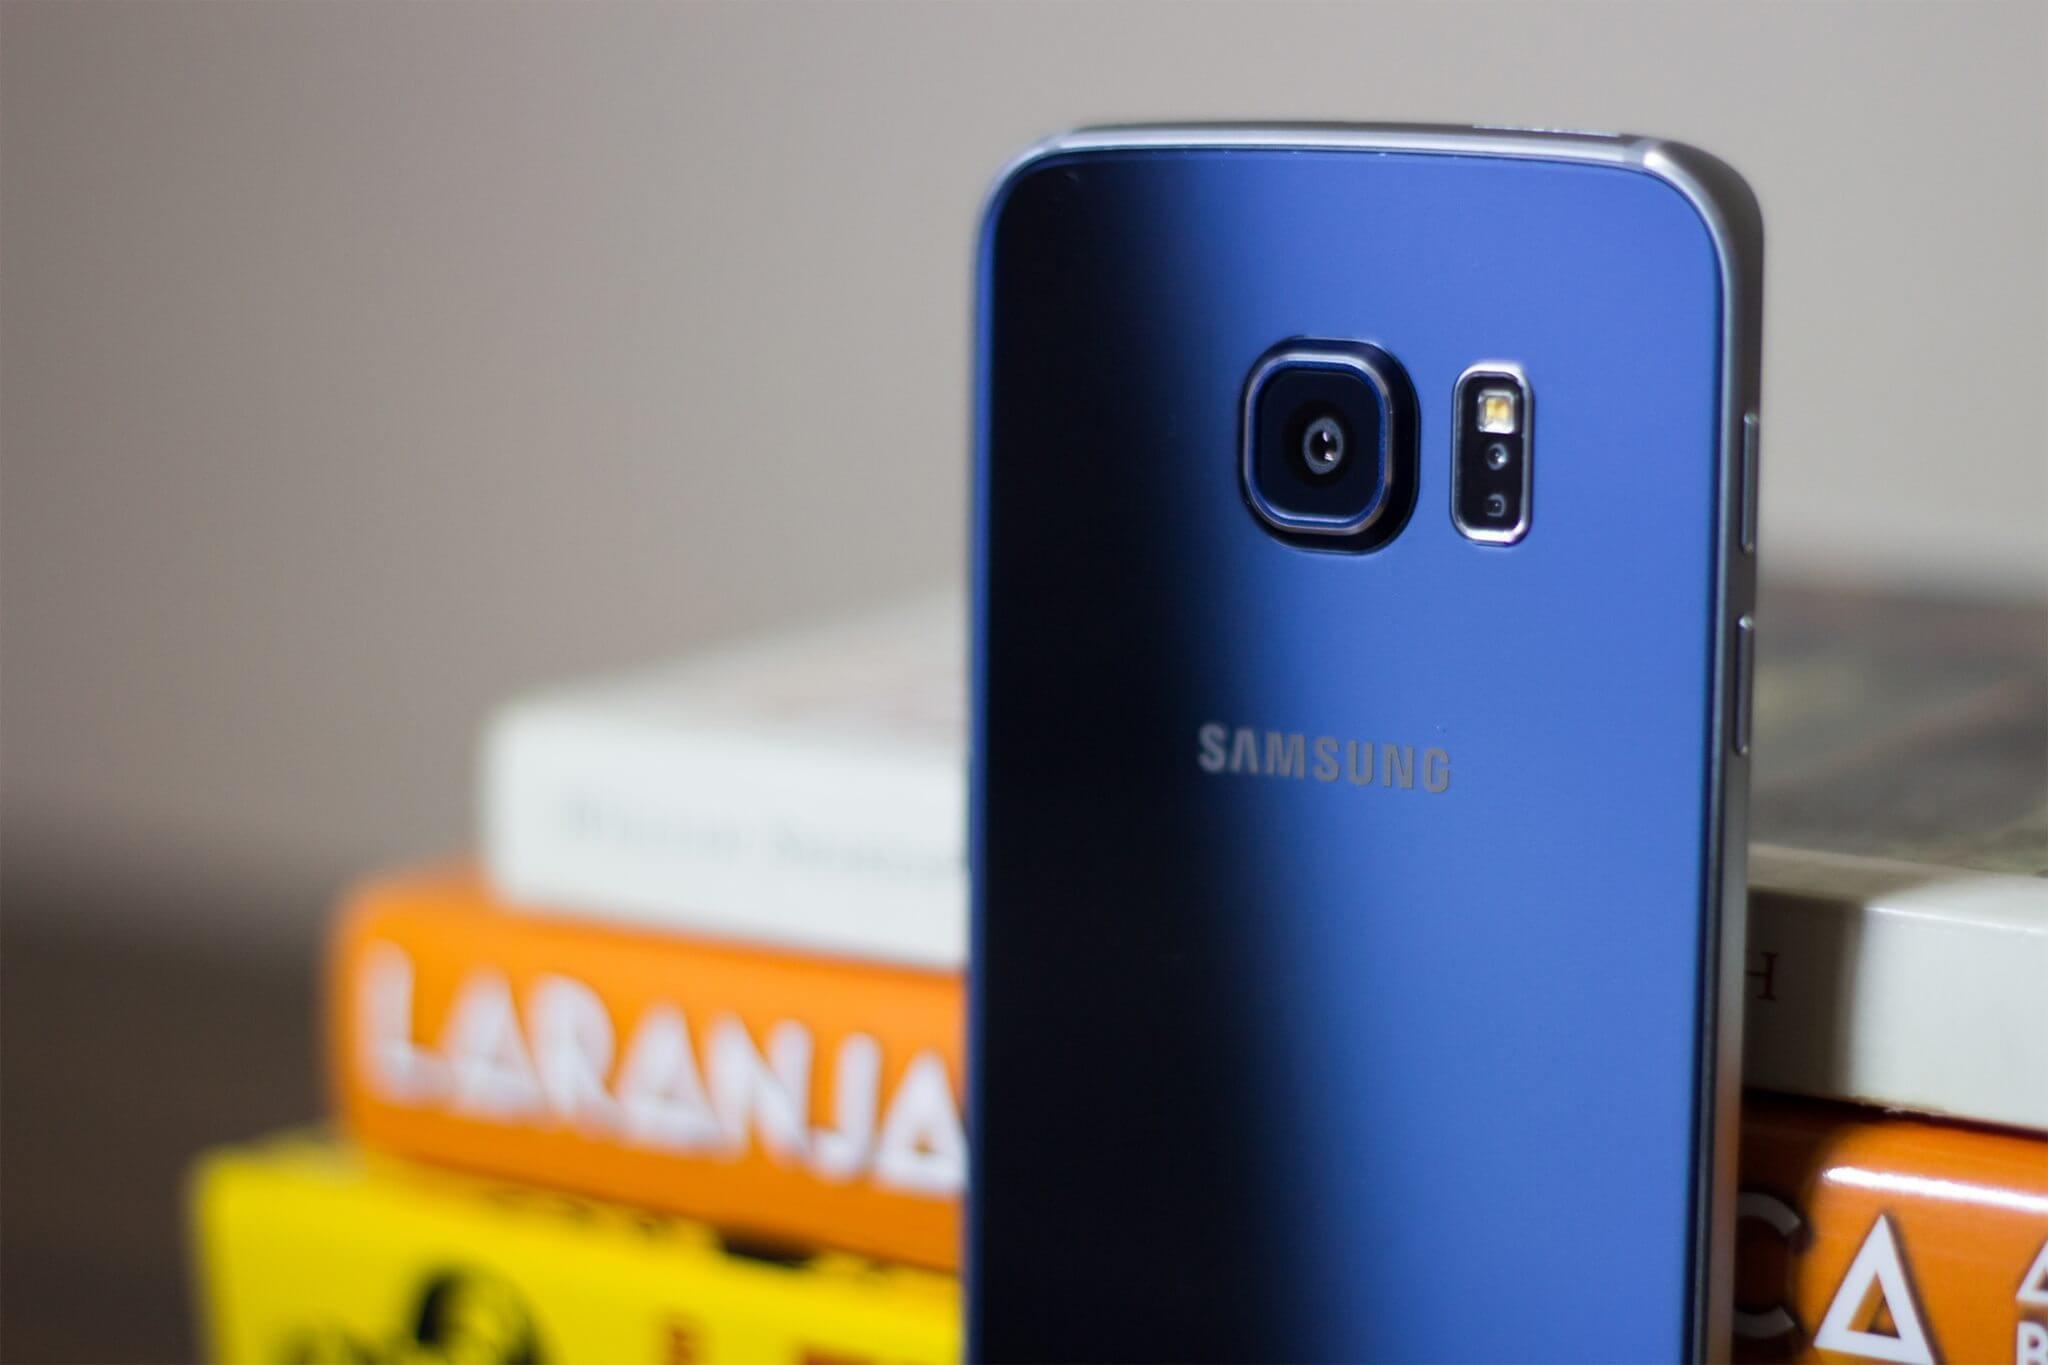 samsung galaxy s6 edge 0008 img 3539 1 - Samsung começa a liberar Android Nougat para Galaxy S6 e S6 Edge